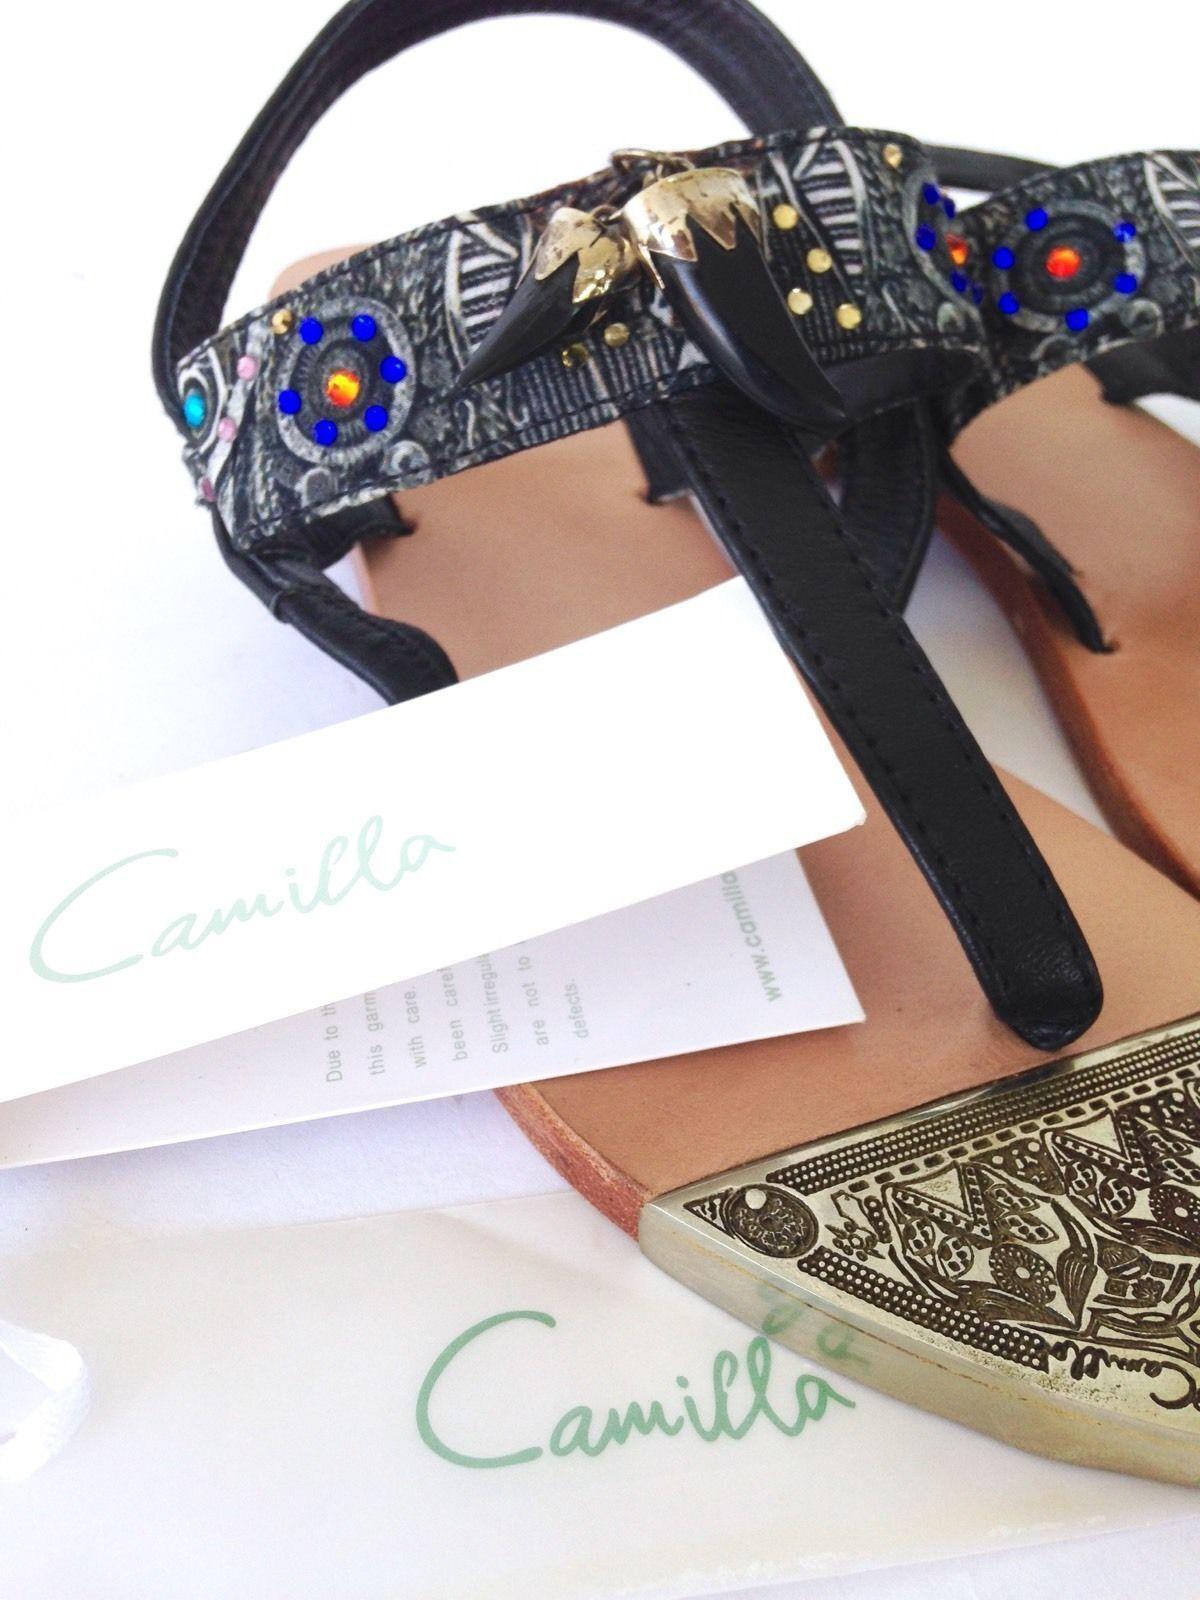 les lanières de cuir chaussures cristaux nouvelles camilla franks feuillet élastiques sur cristaux chaussures plats b6f37f